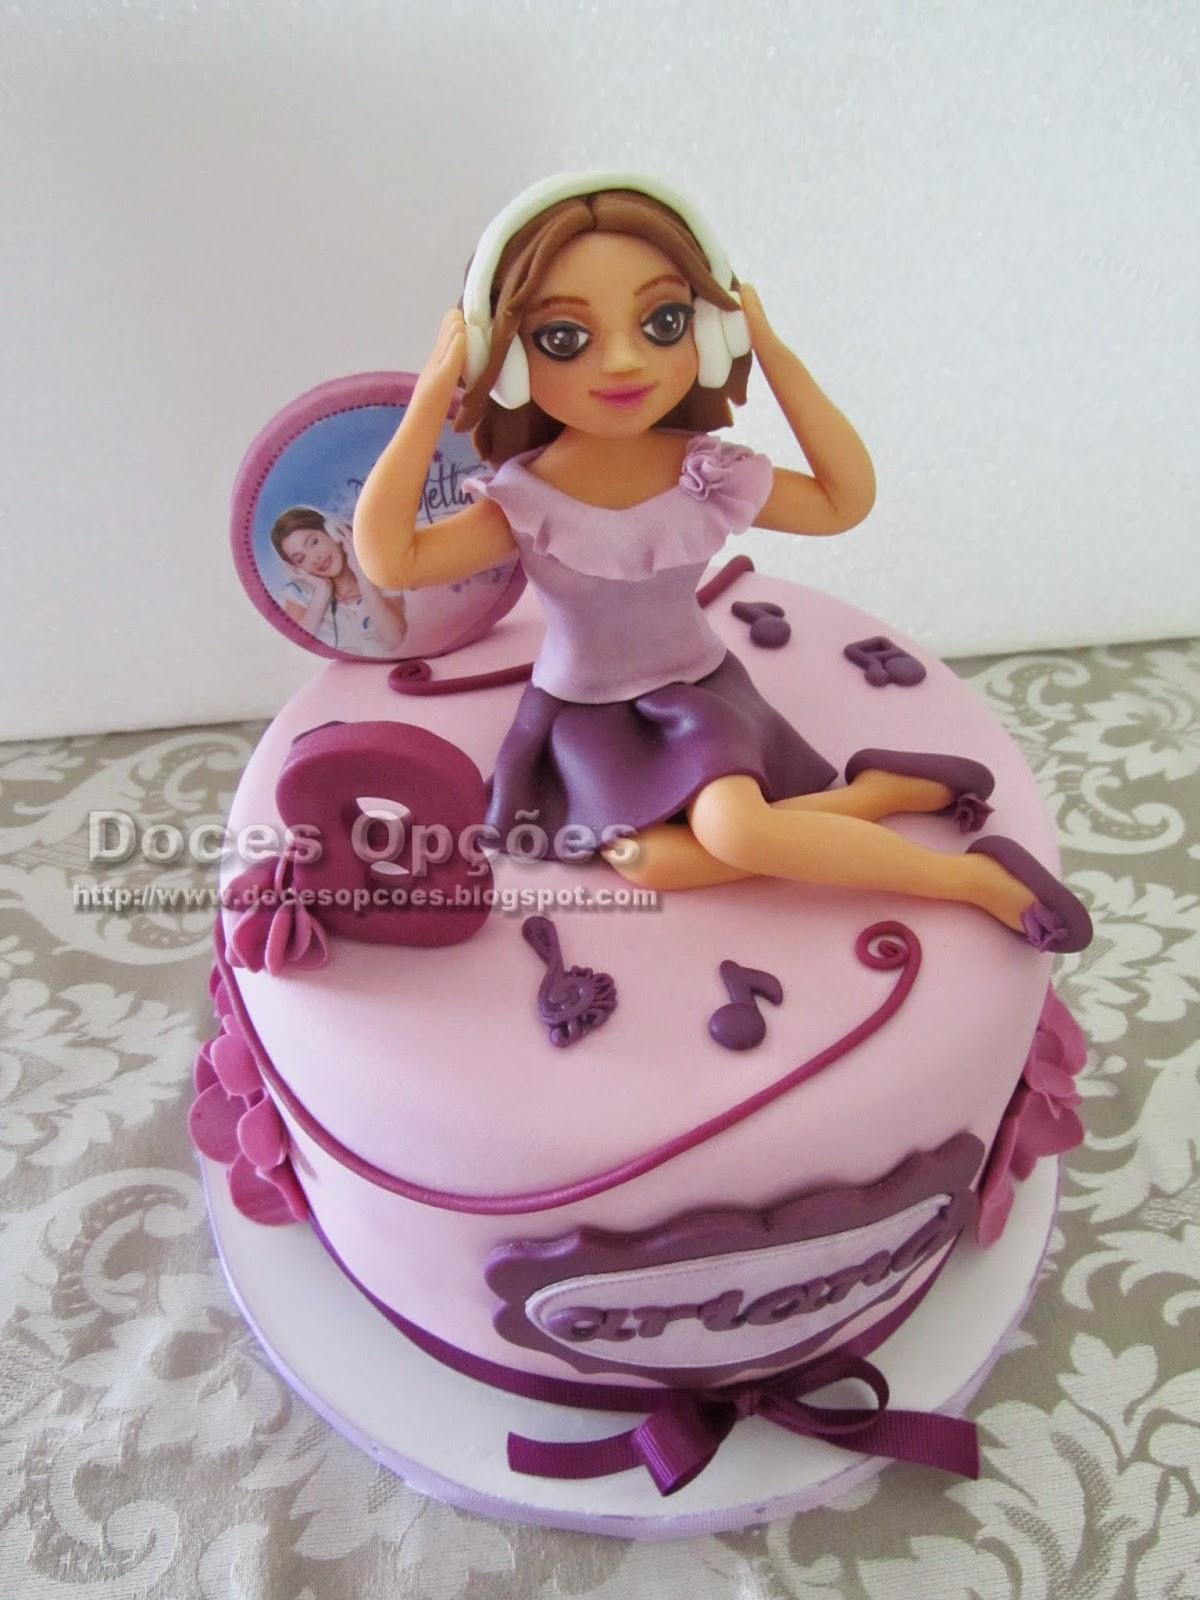 Bolo com a Violetta para o aniversário da Ariana